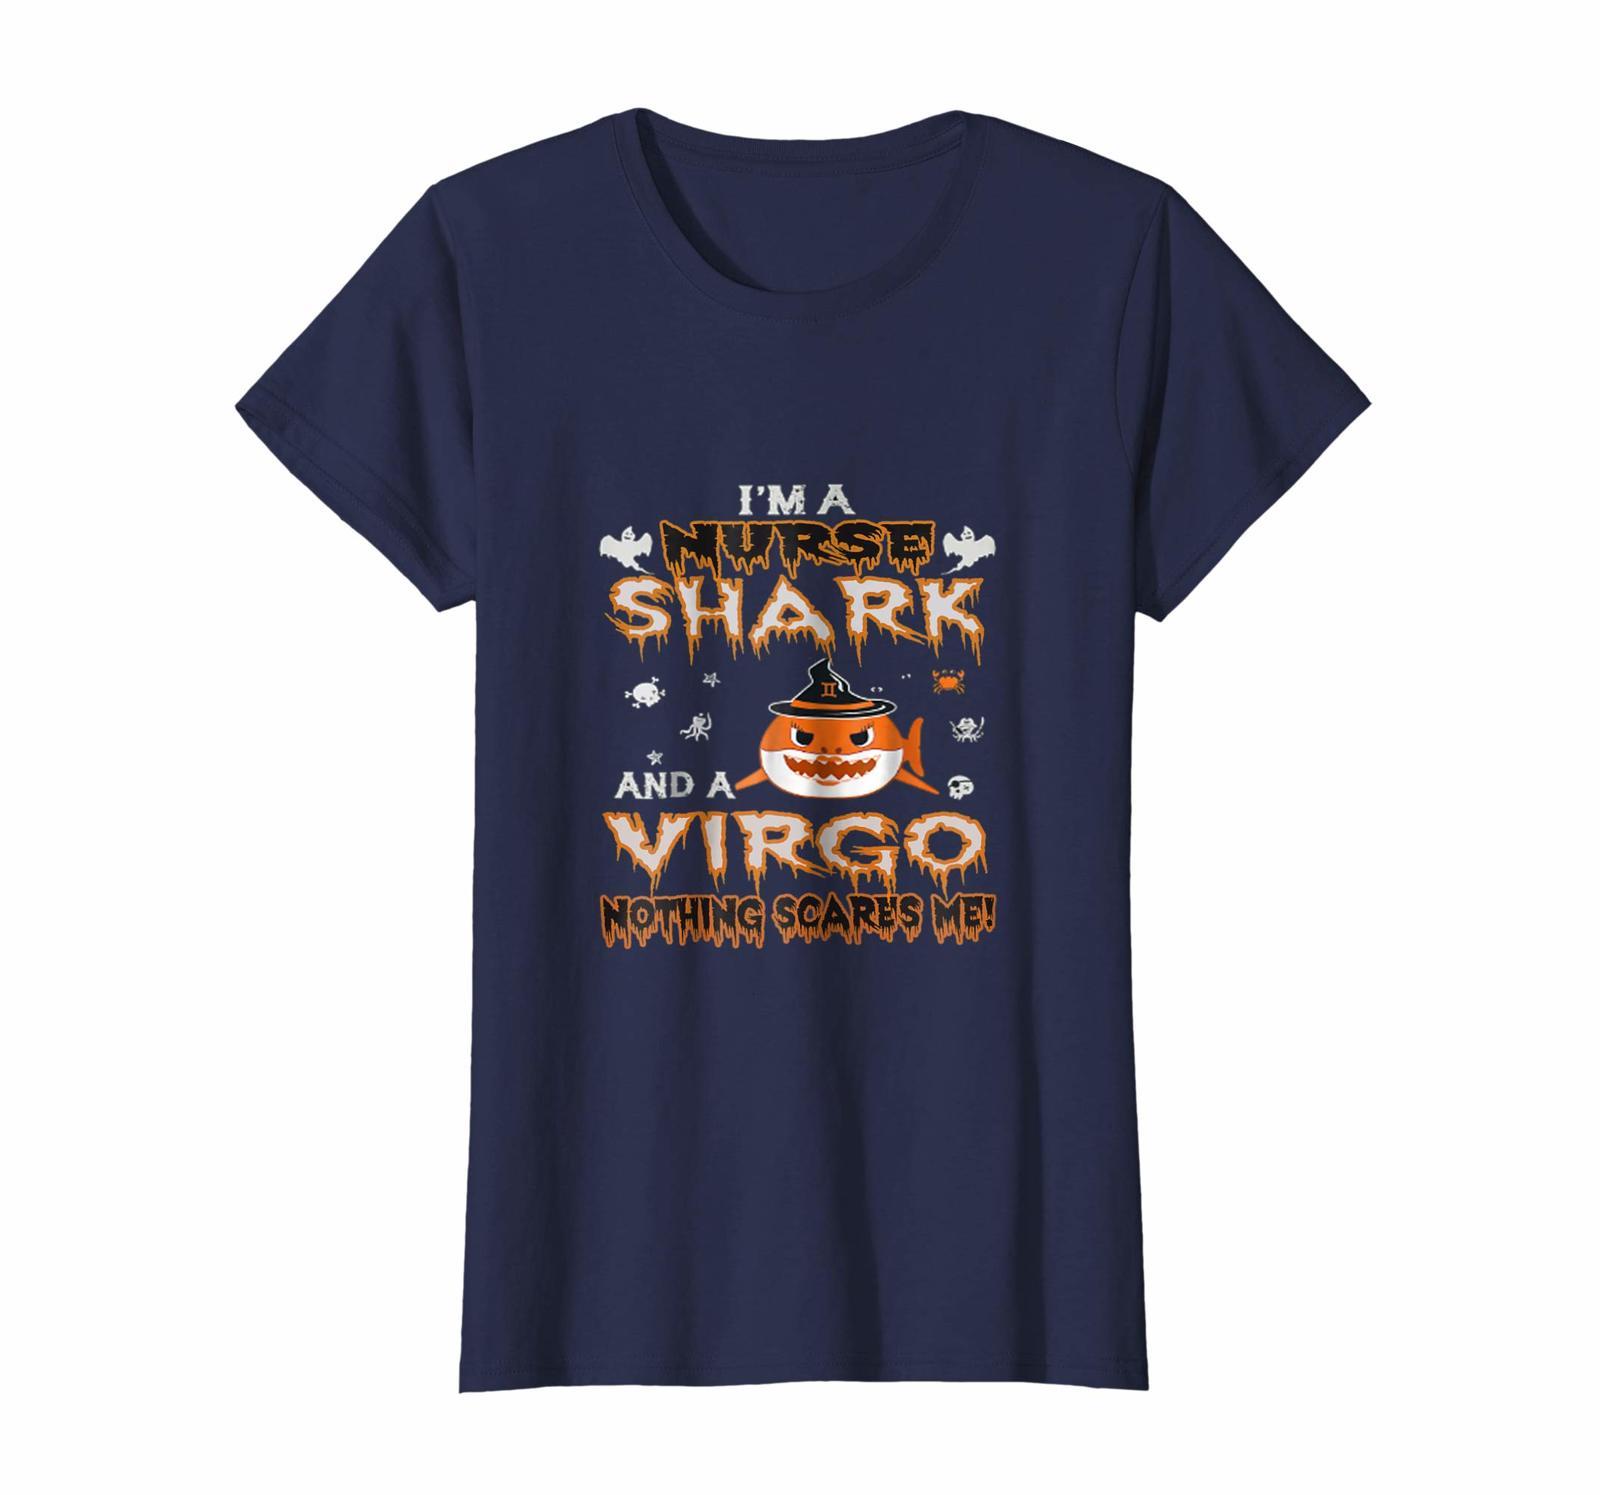 Funny Tee - I'm a Virgo nurse shark Halloween Tshirt Wowen